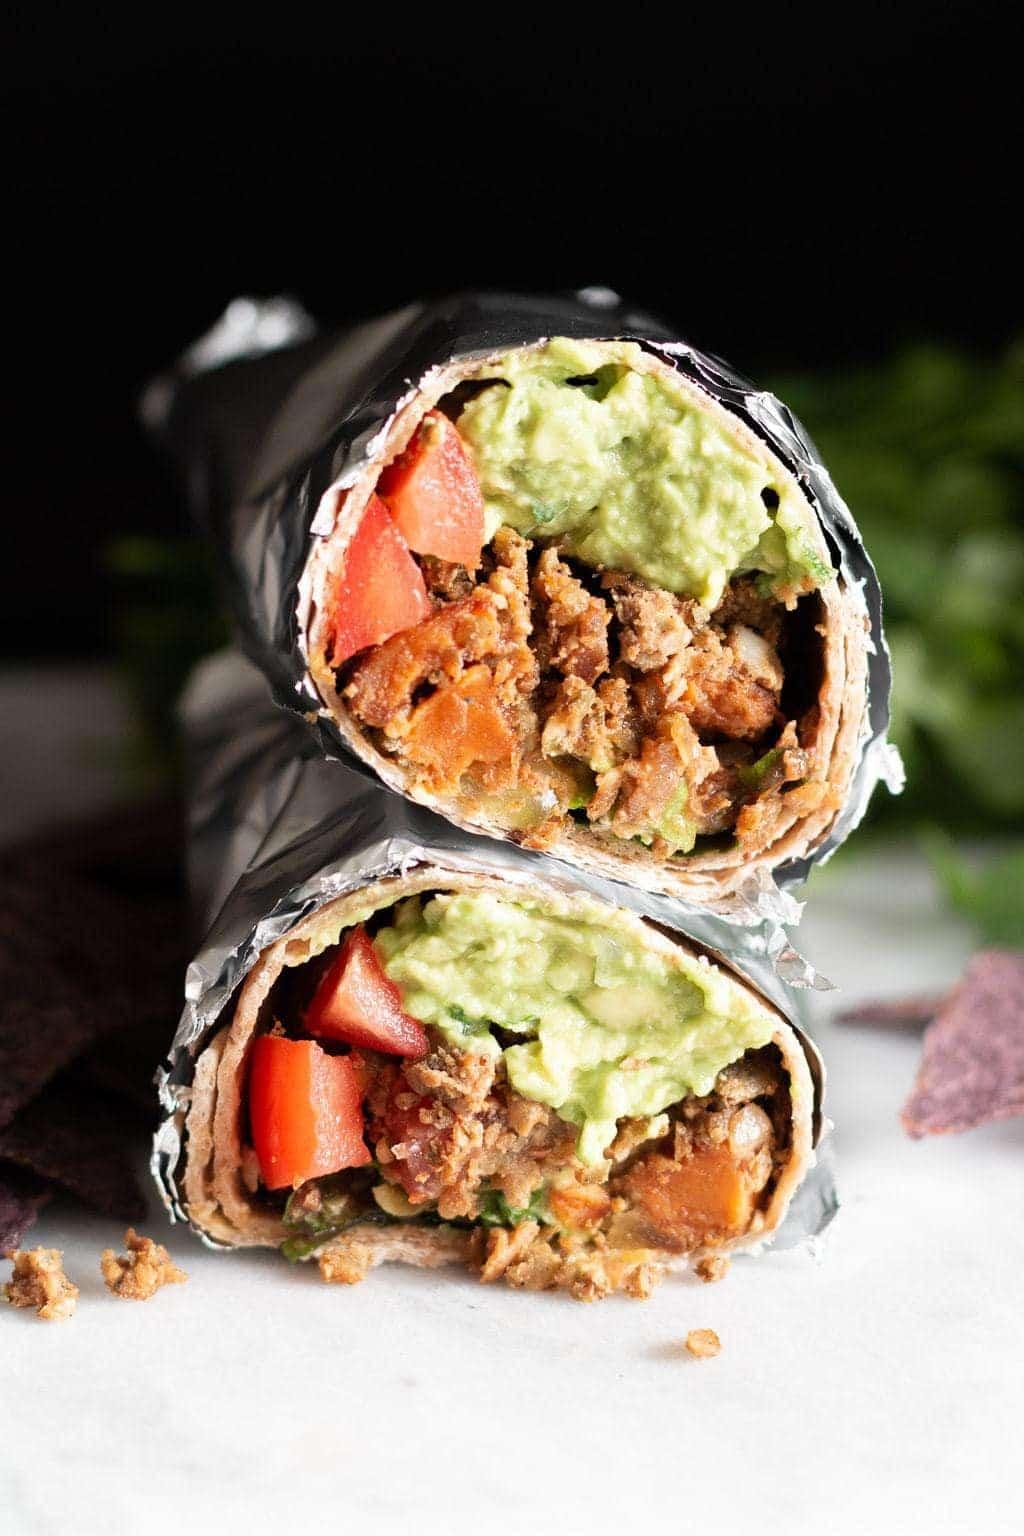 Vegan Lentil Burrito